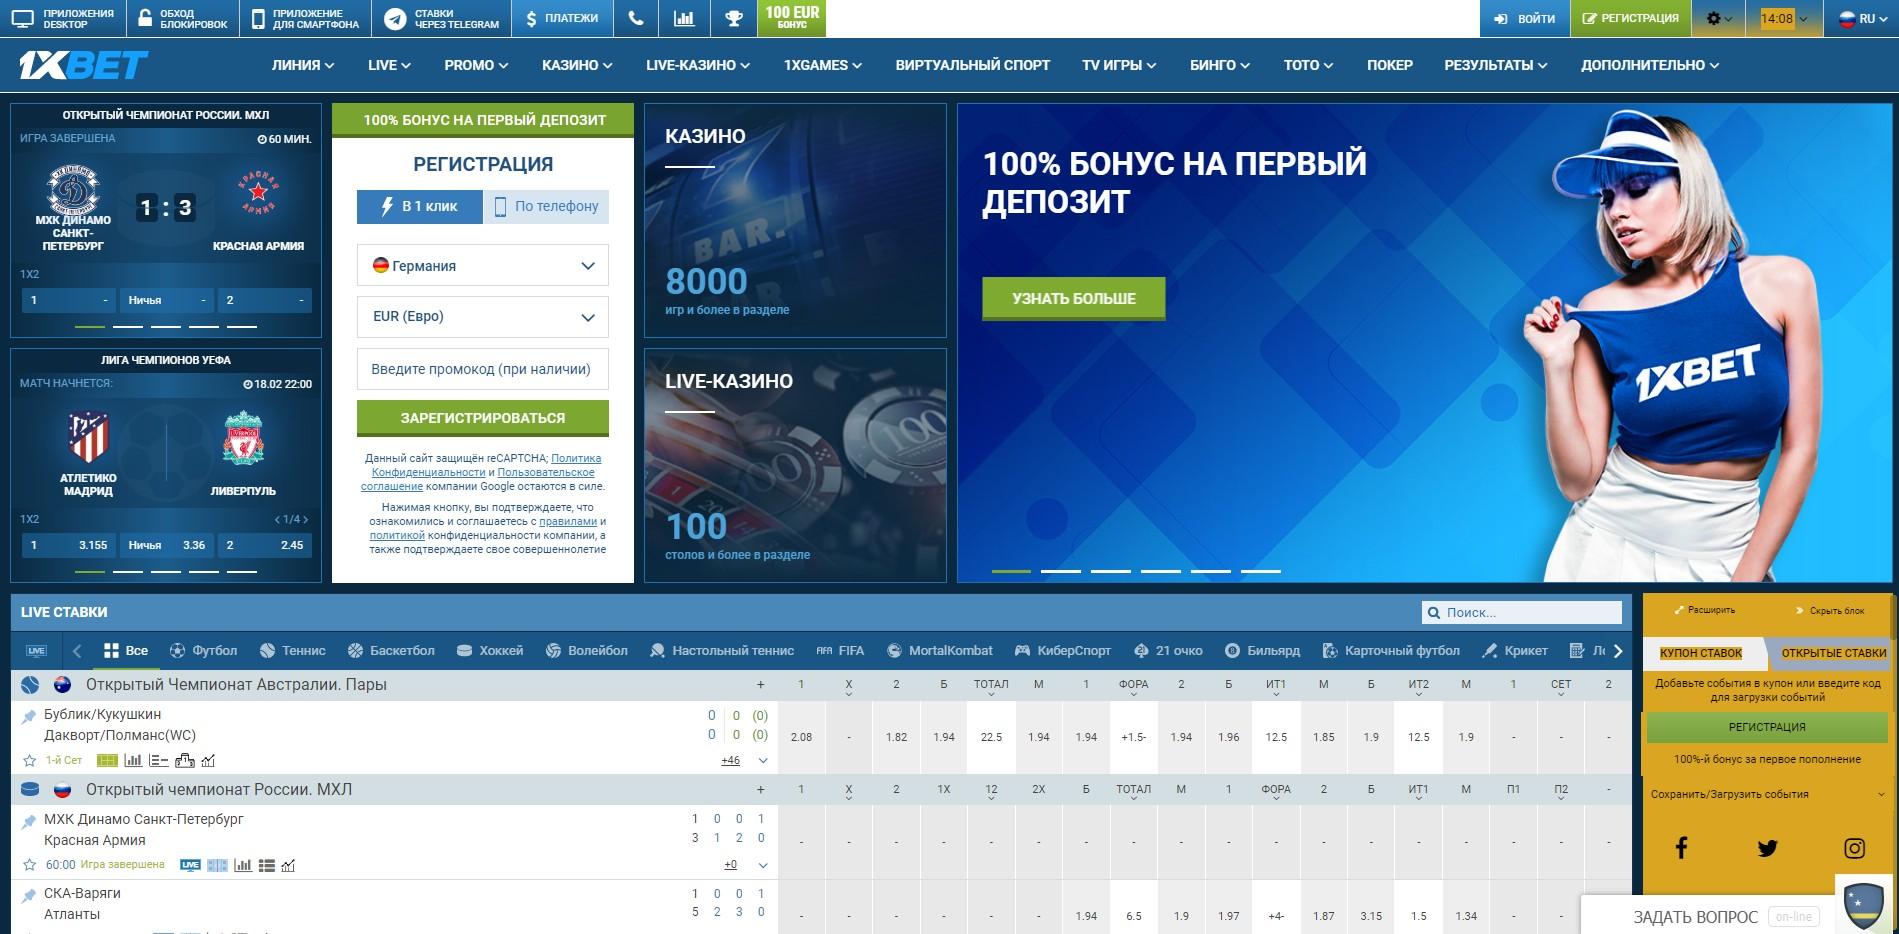 1xbet официальный сайт - регистрация и вход в личный кабинет